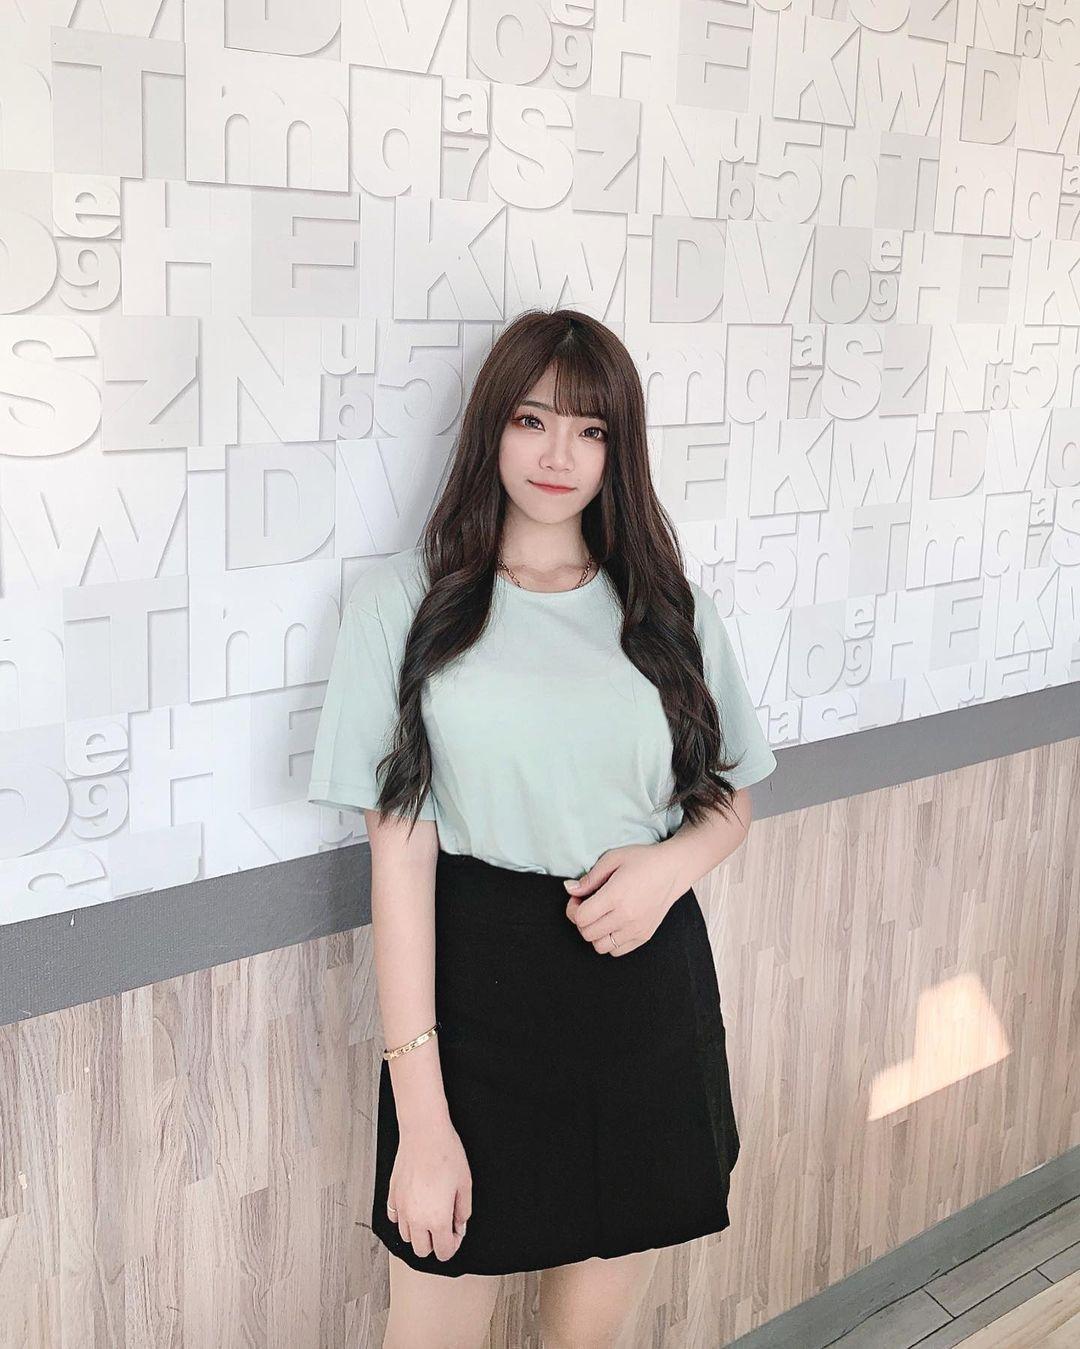 清纯甜美的正妹平面设计师Chen臻儿 多才多艺还有好身材 养眼图片 第8张